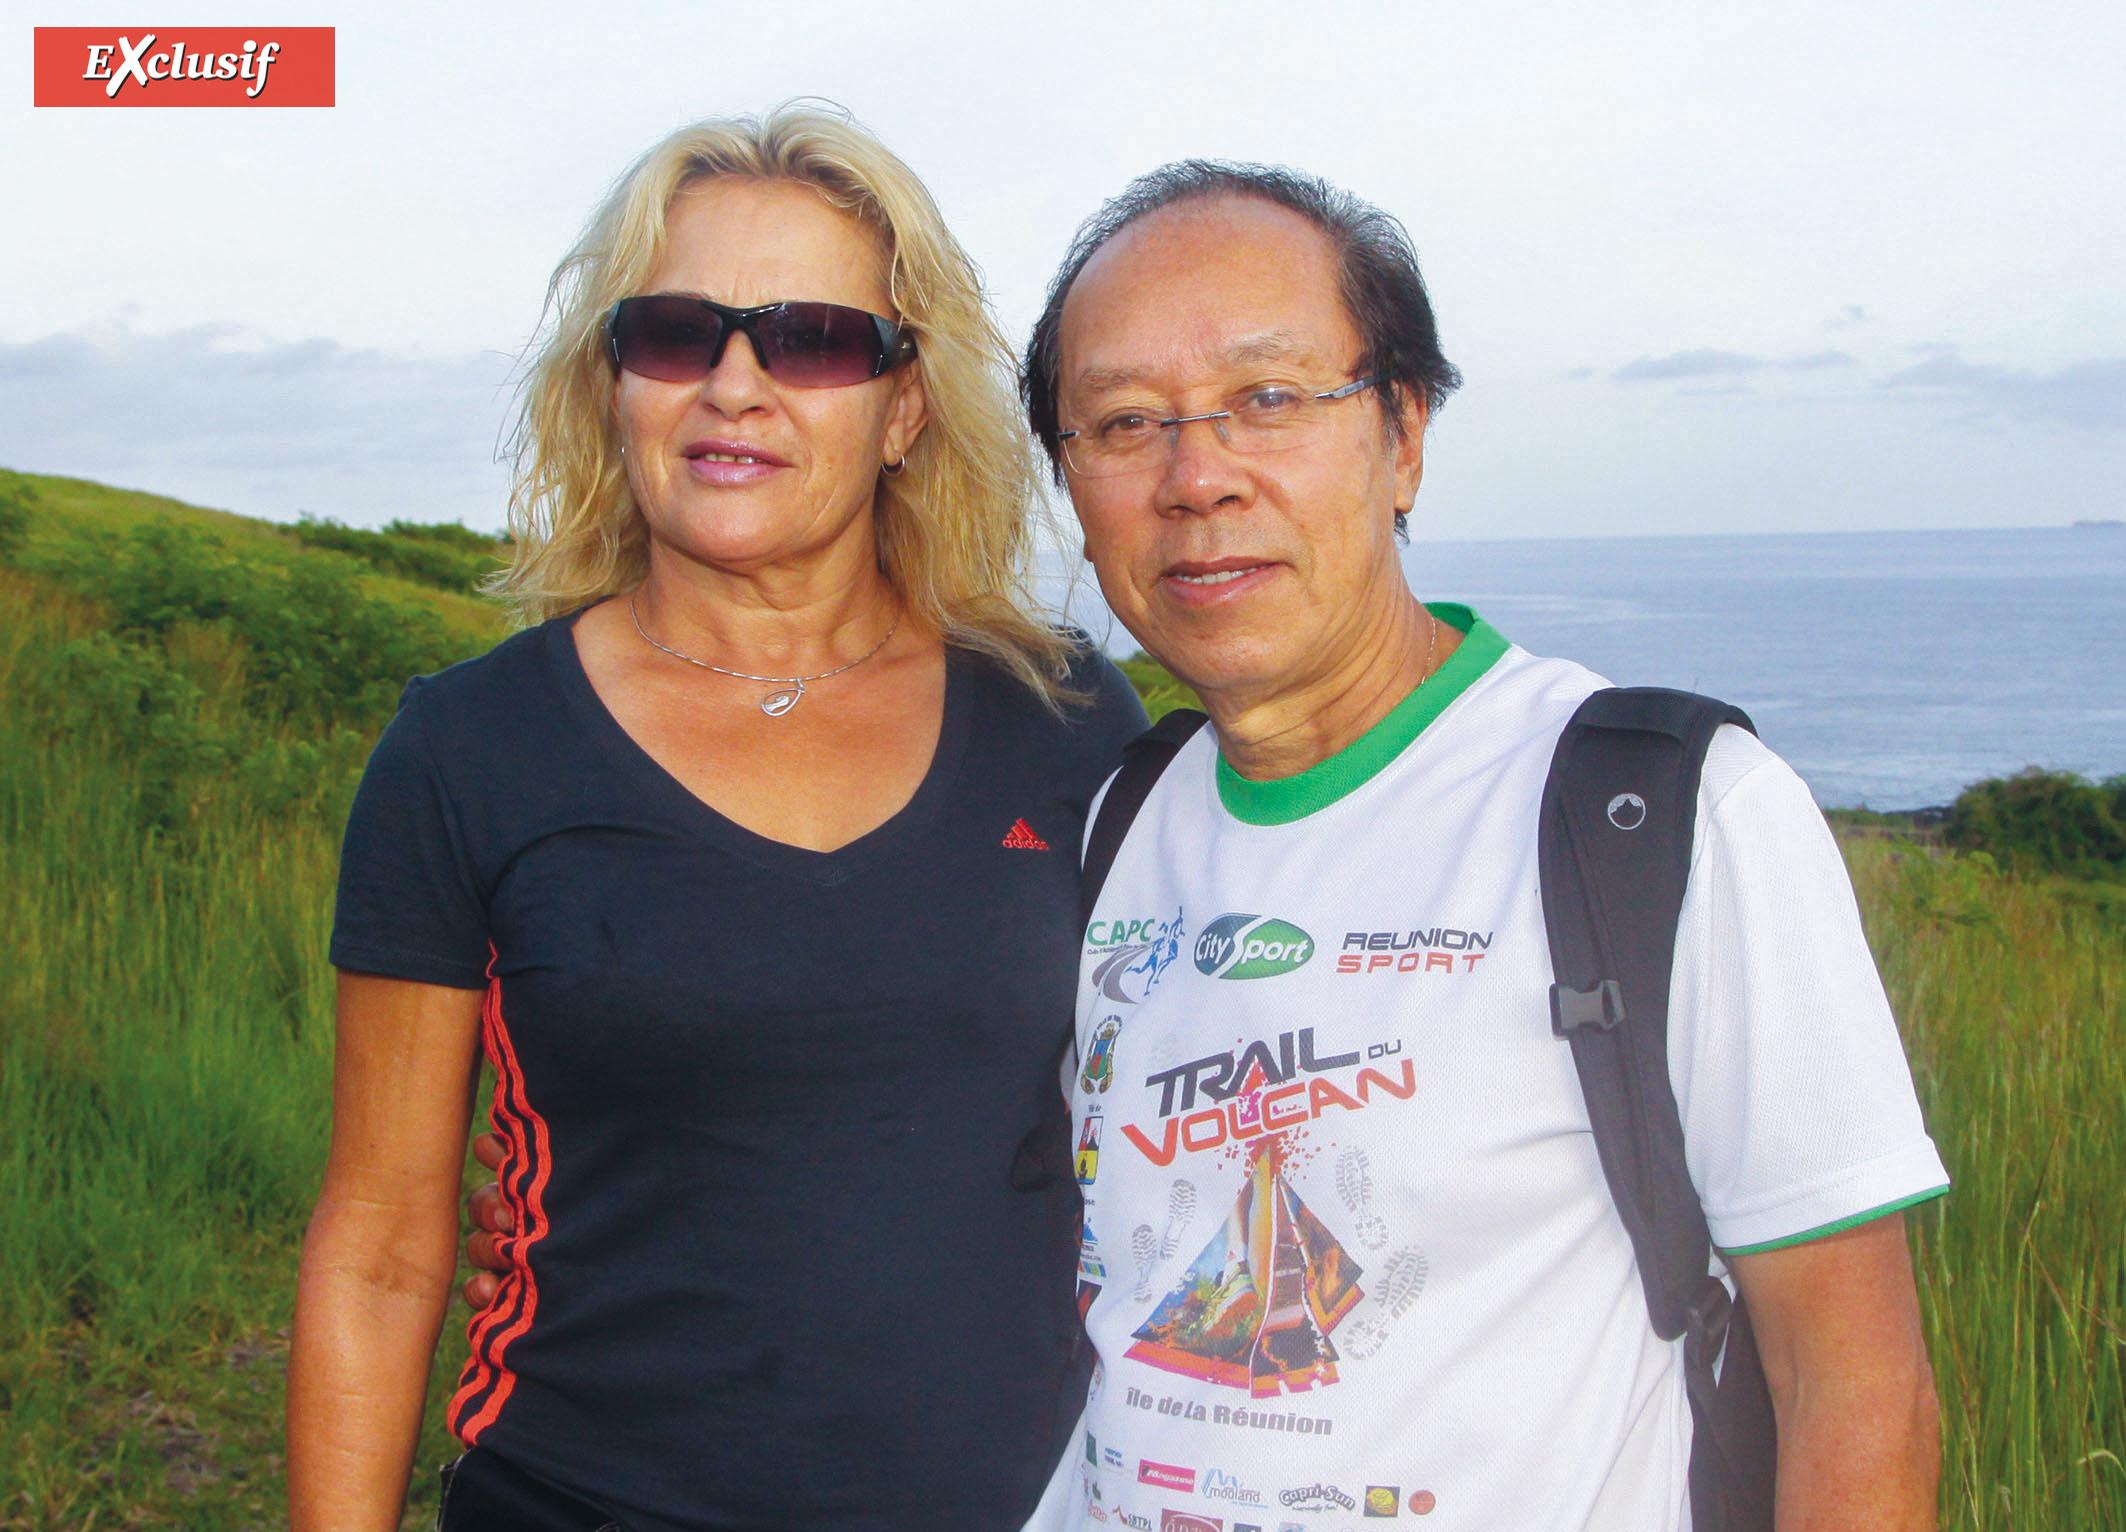 Roland et Marlène Chane See Chu, co-organisateurs du Trail du Volcan ont dû annuler les éditions de 2020 et 2021. Ils espèrent bien pouvoir rebondir en 2022